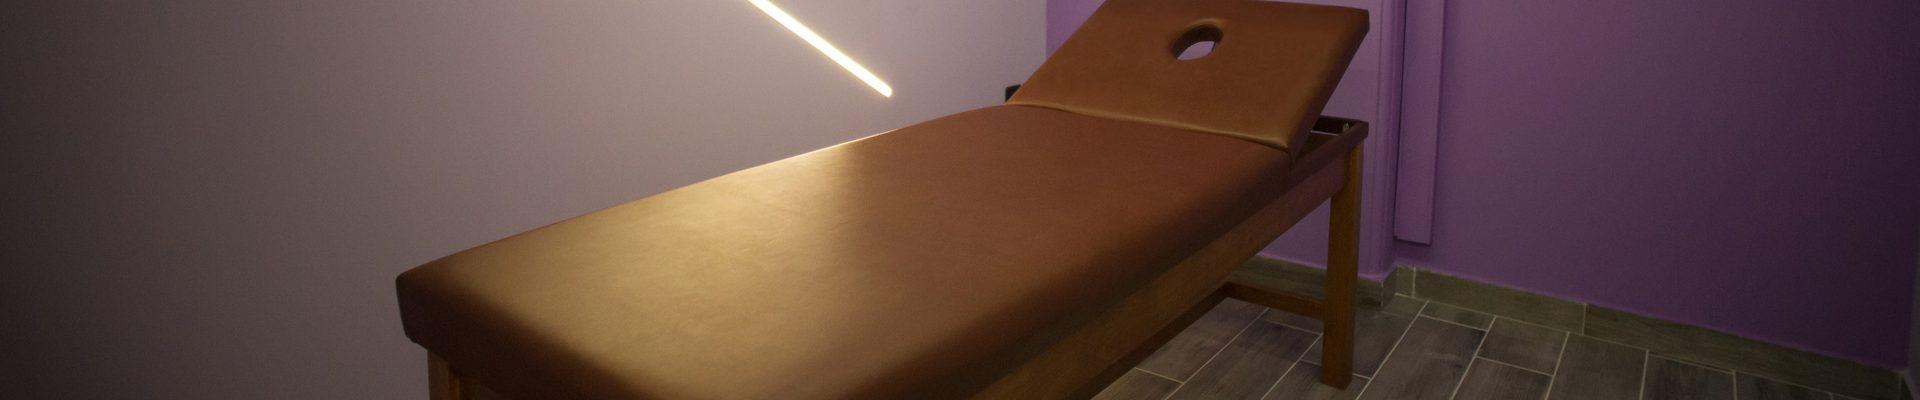 massage_new